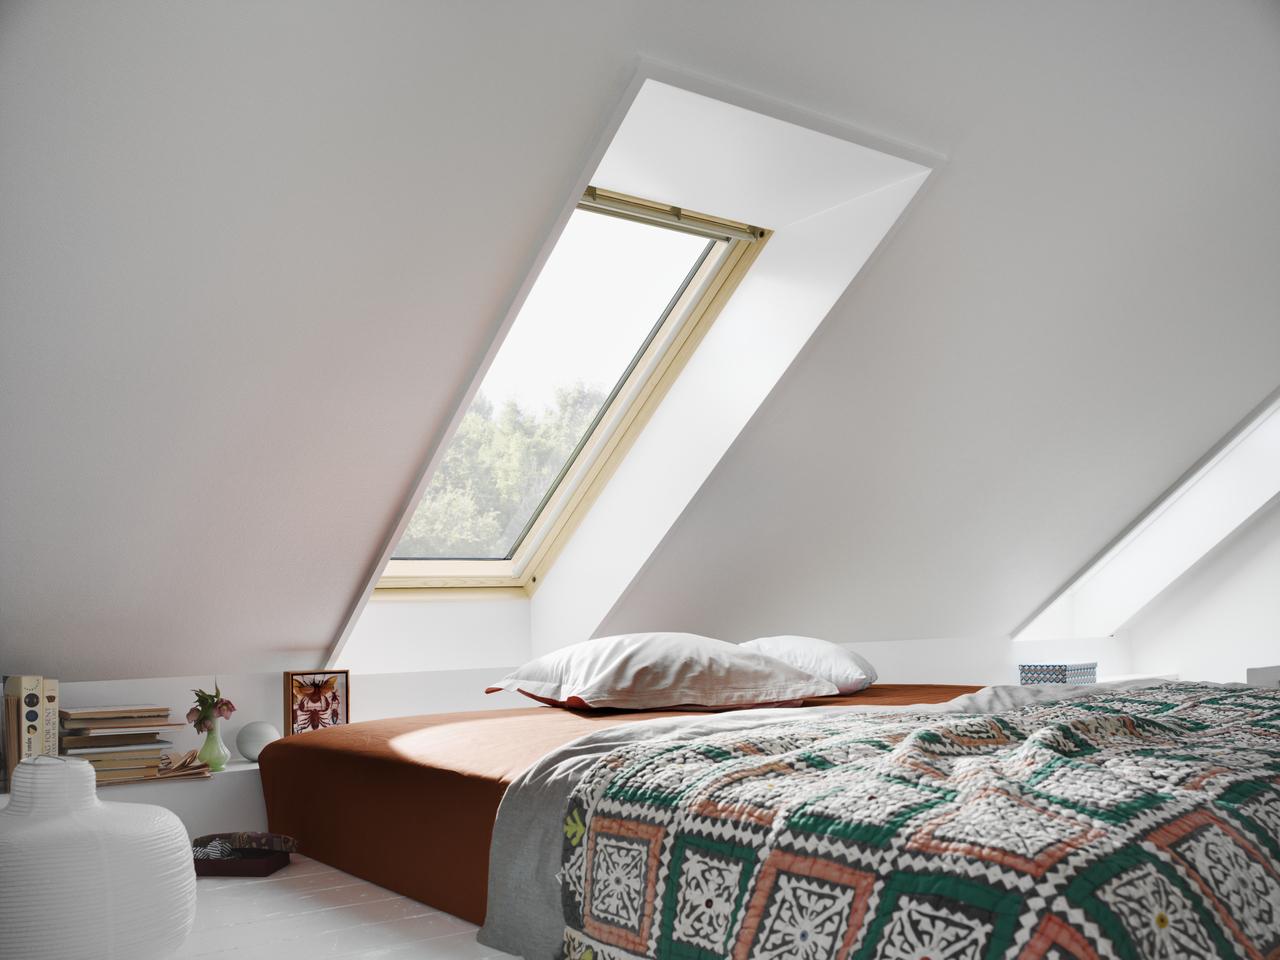 Camera for Suggerimenti per arredare casa